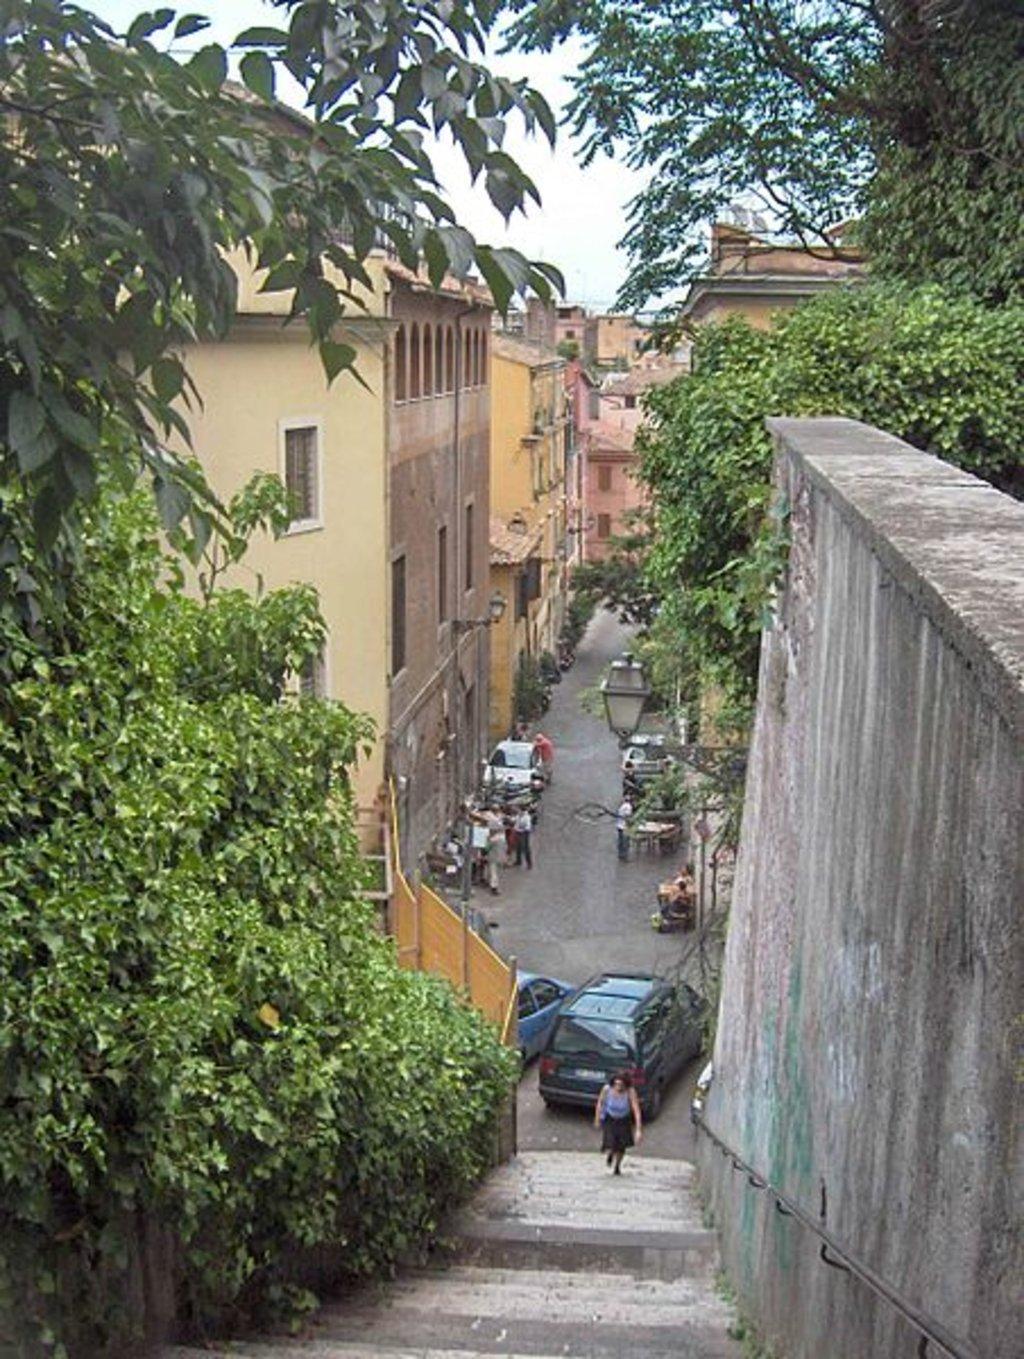 Rome's Hidden gems